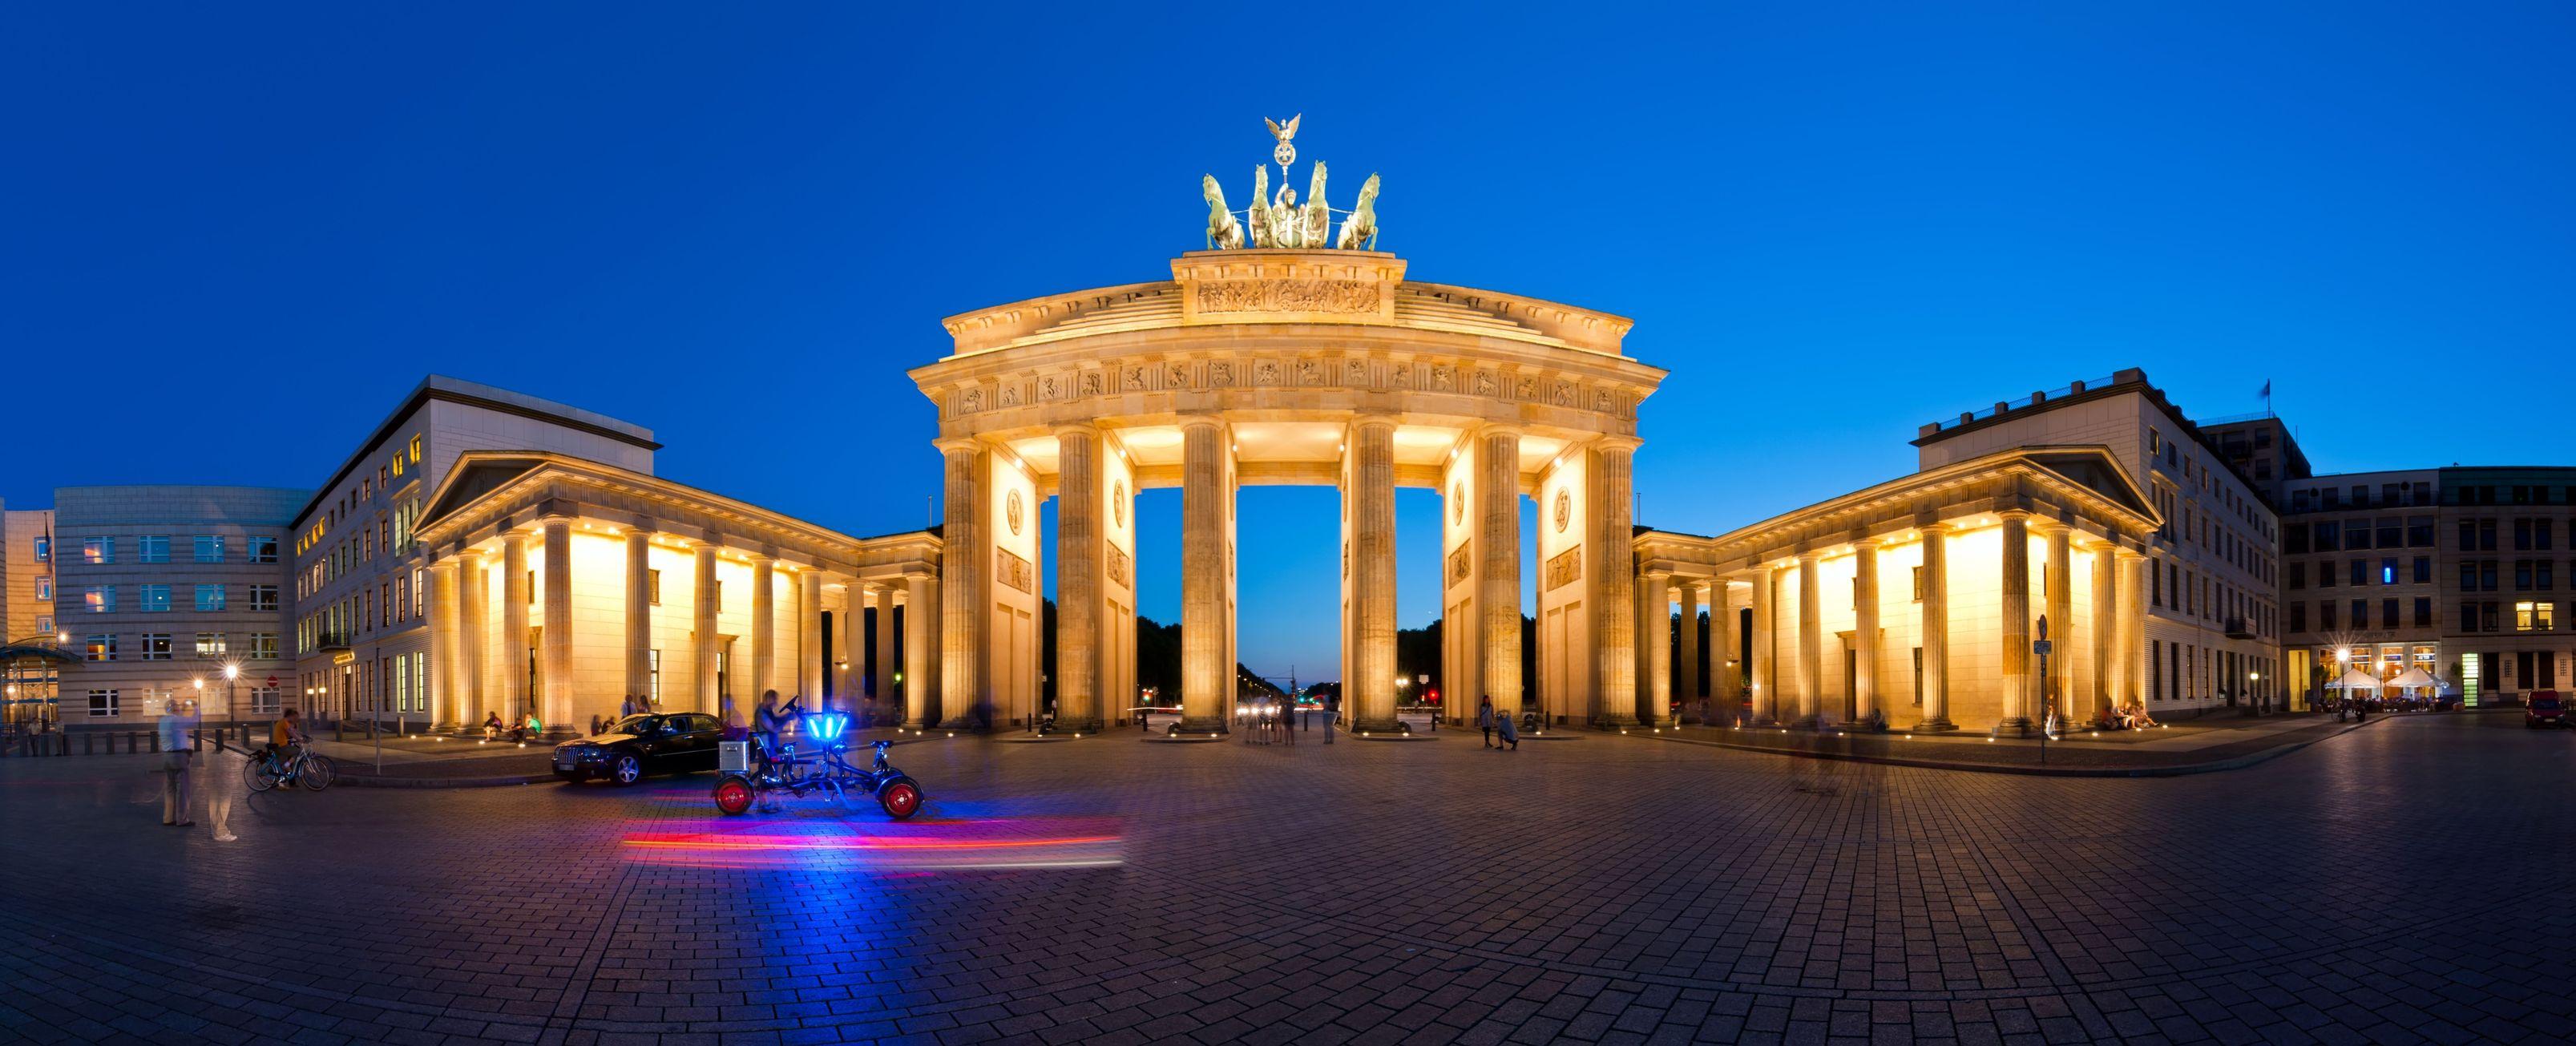 Letalska Karta Maribor Berlin.Novo Povratne Karte Iz Ljubljane V Berlin V Zimi 18 19 Ze Od 31